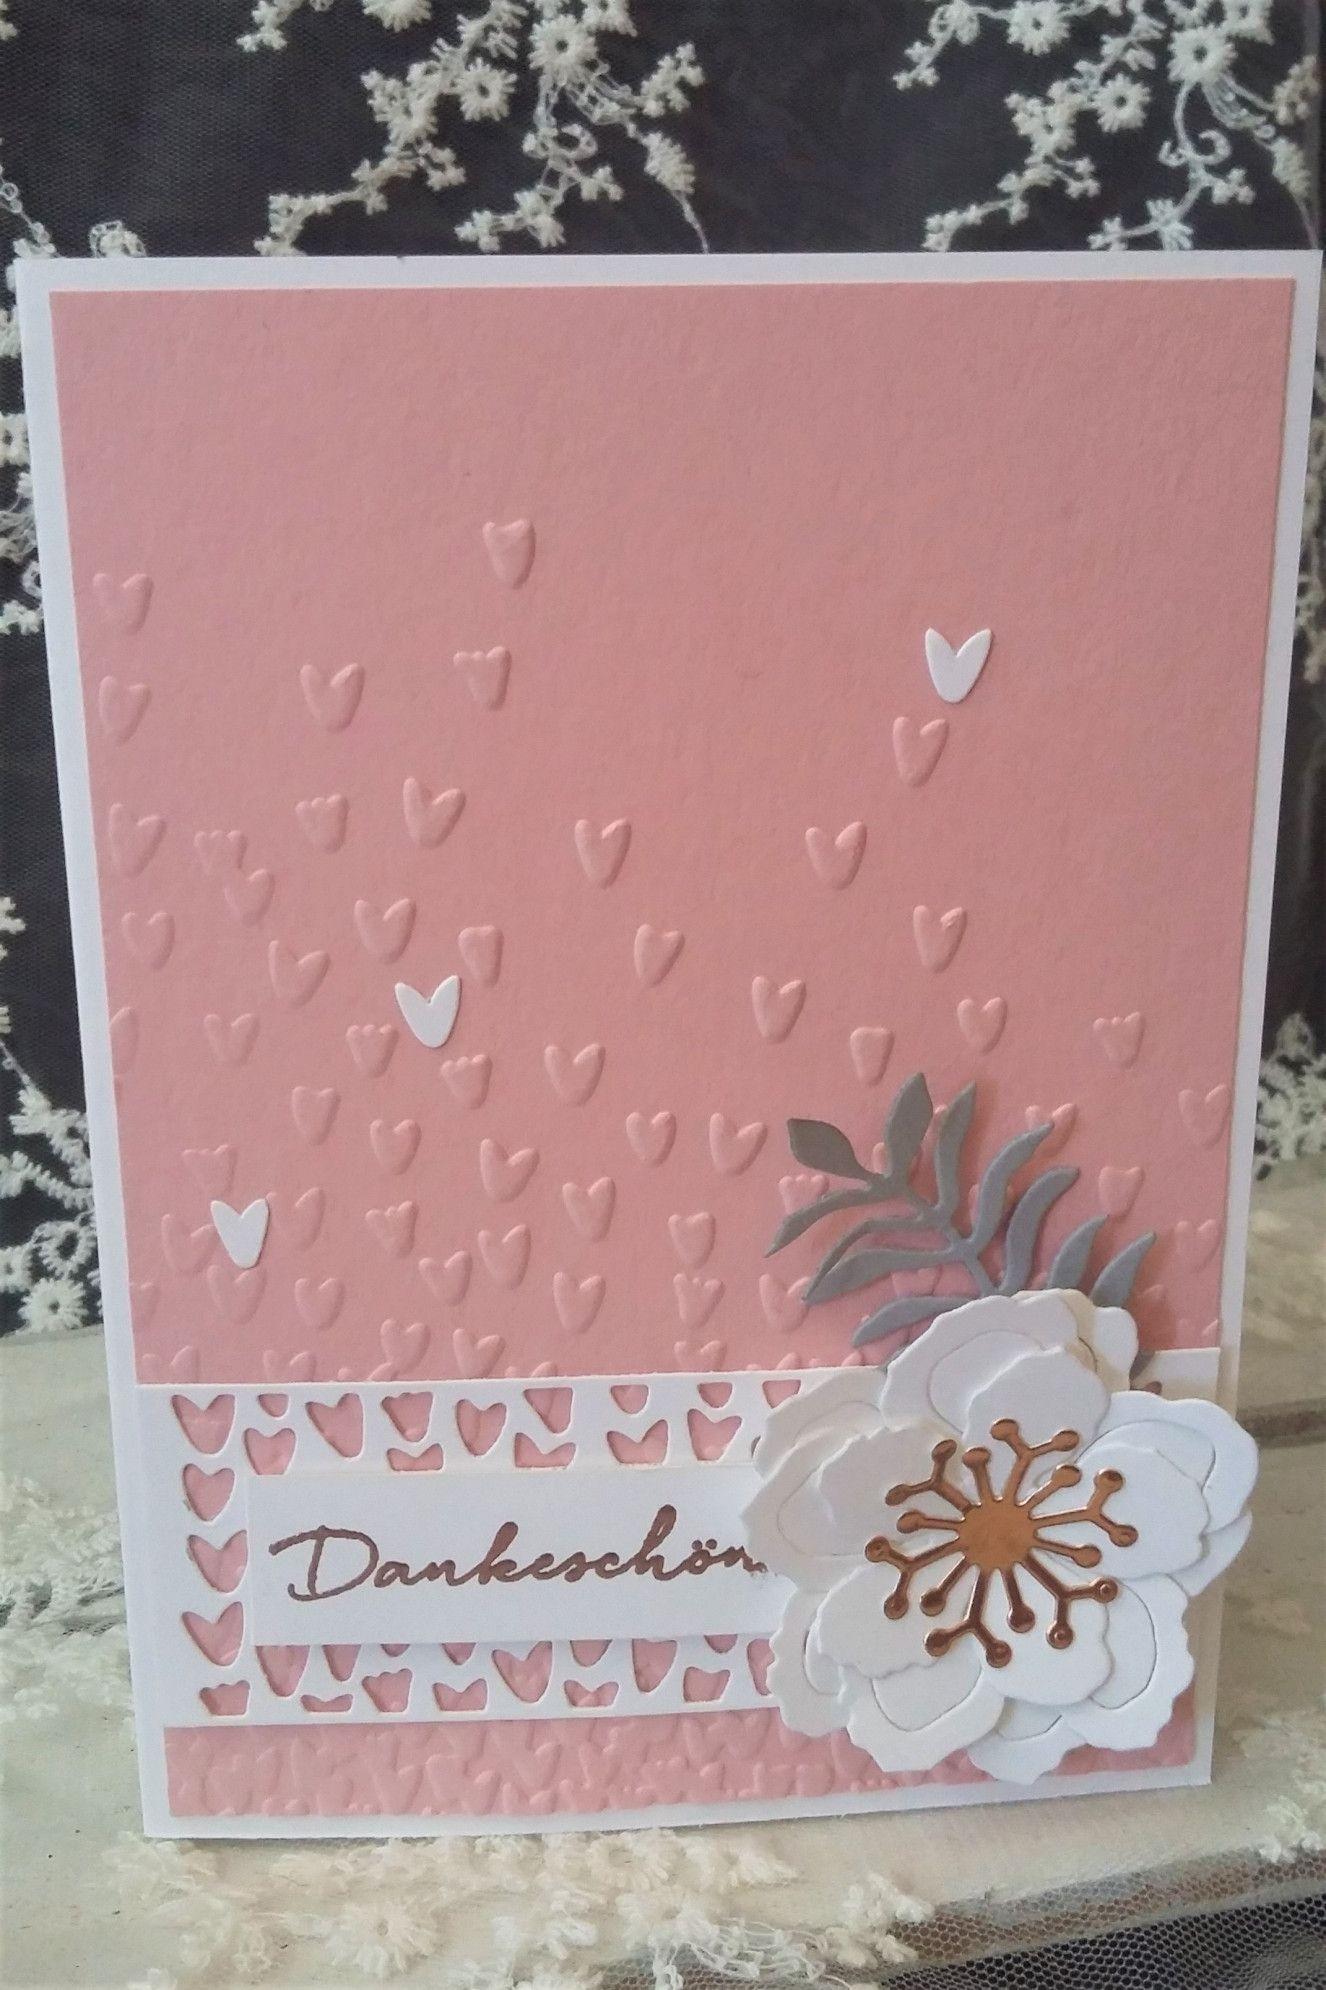 Es ist wieder ein kleines Set für Hochzeitspaare in Kirschblüte und Flüsterweiß entstanden. Die Schirften habe ich in Kupfer embossed sowie ein paar kleine Akzente in Schiefergrau und Kupfer gesetz…